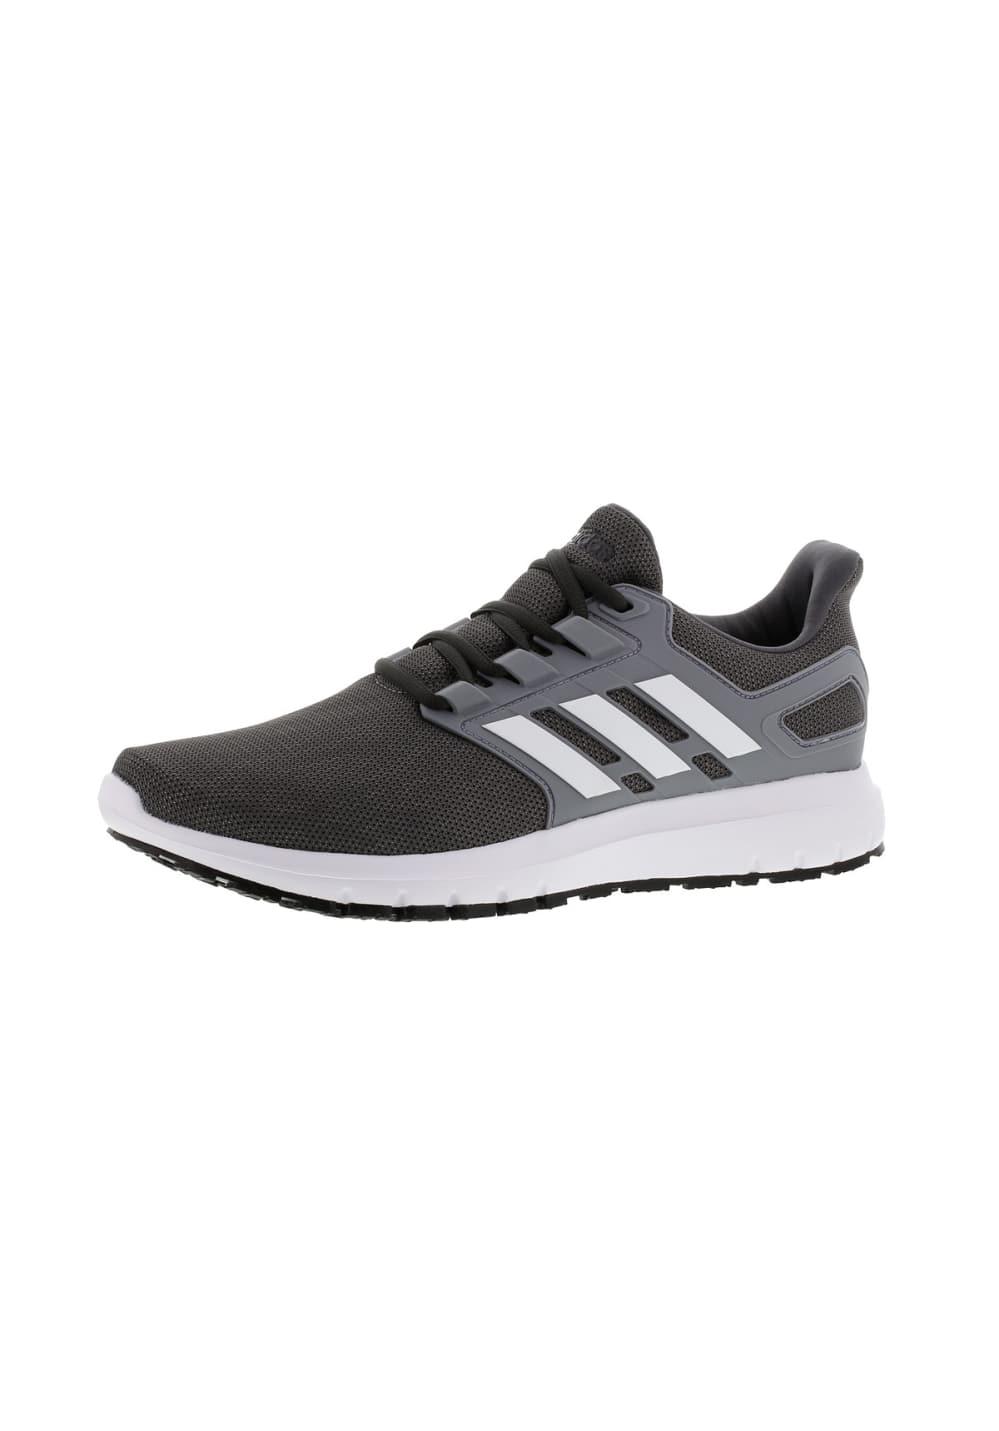 Cloud Adidas Für Grau 2 Energy Laufschuhe Herren XiuPkZ